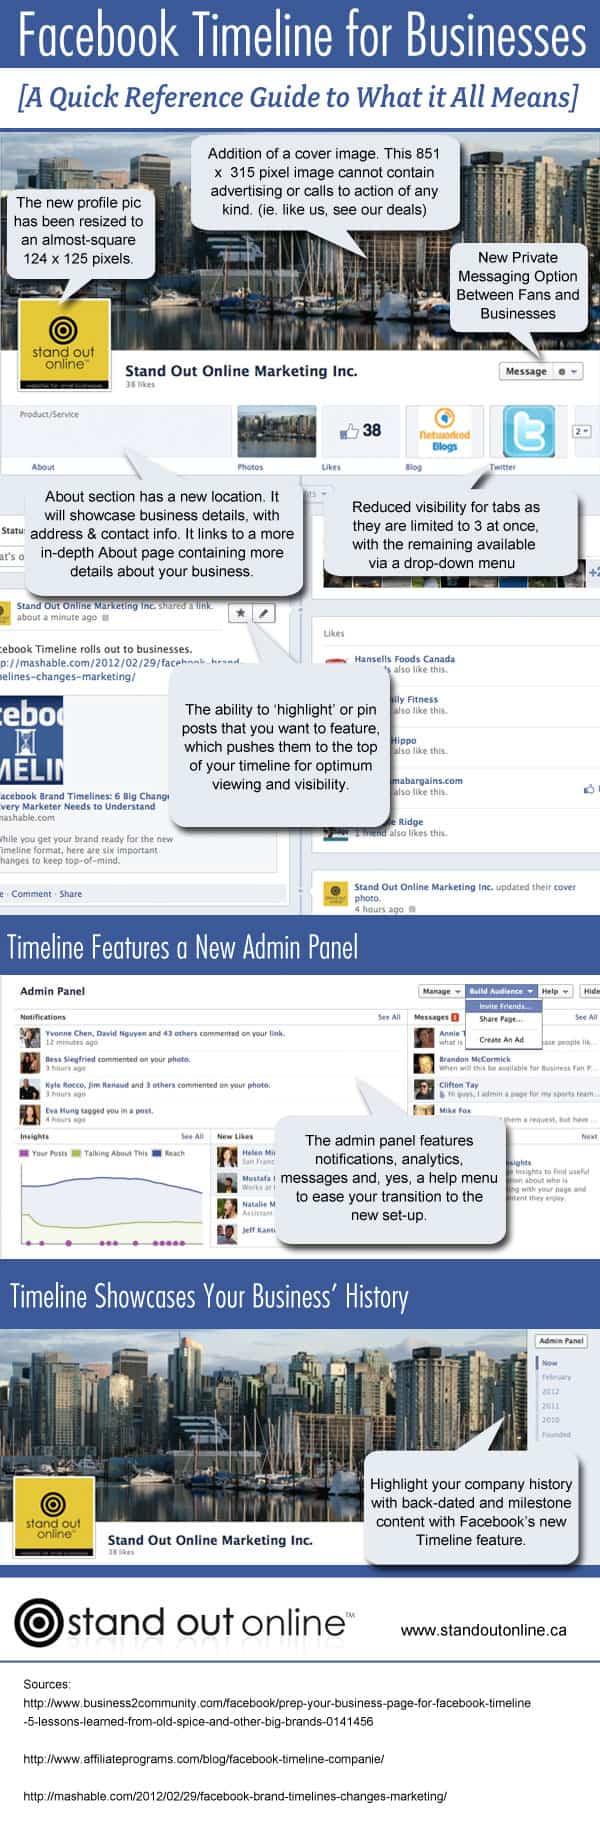 nueva linea de tiempo de facebook